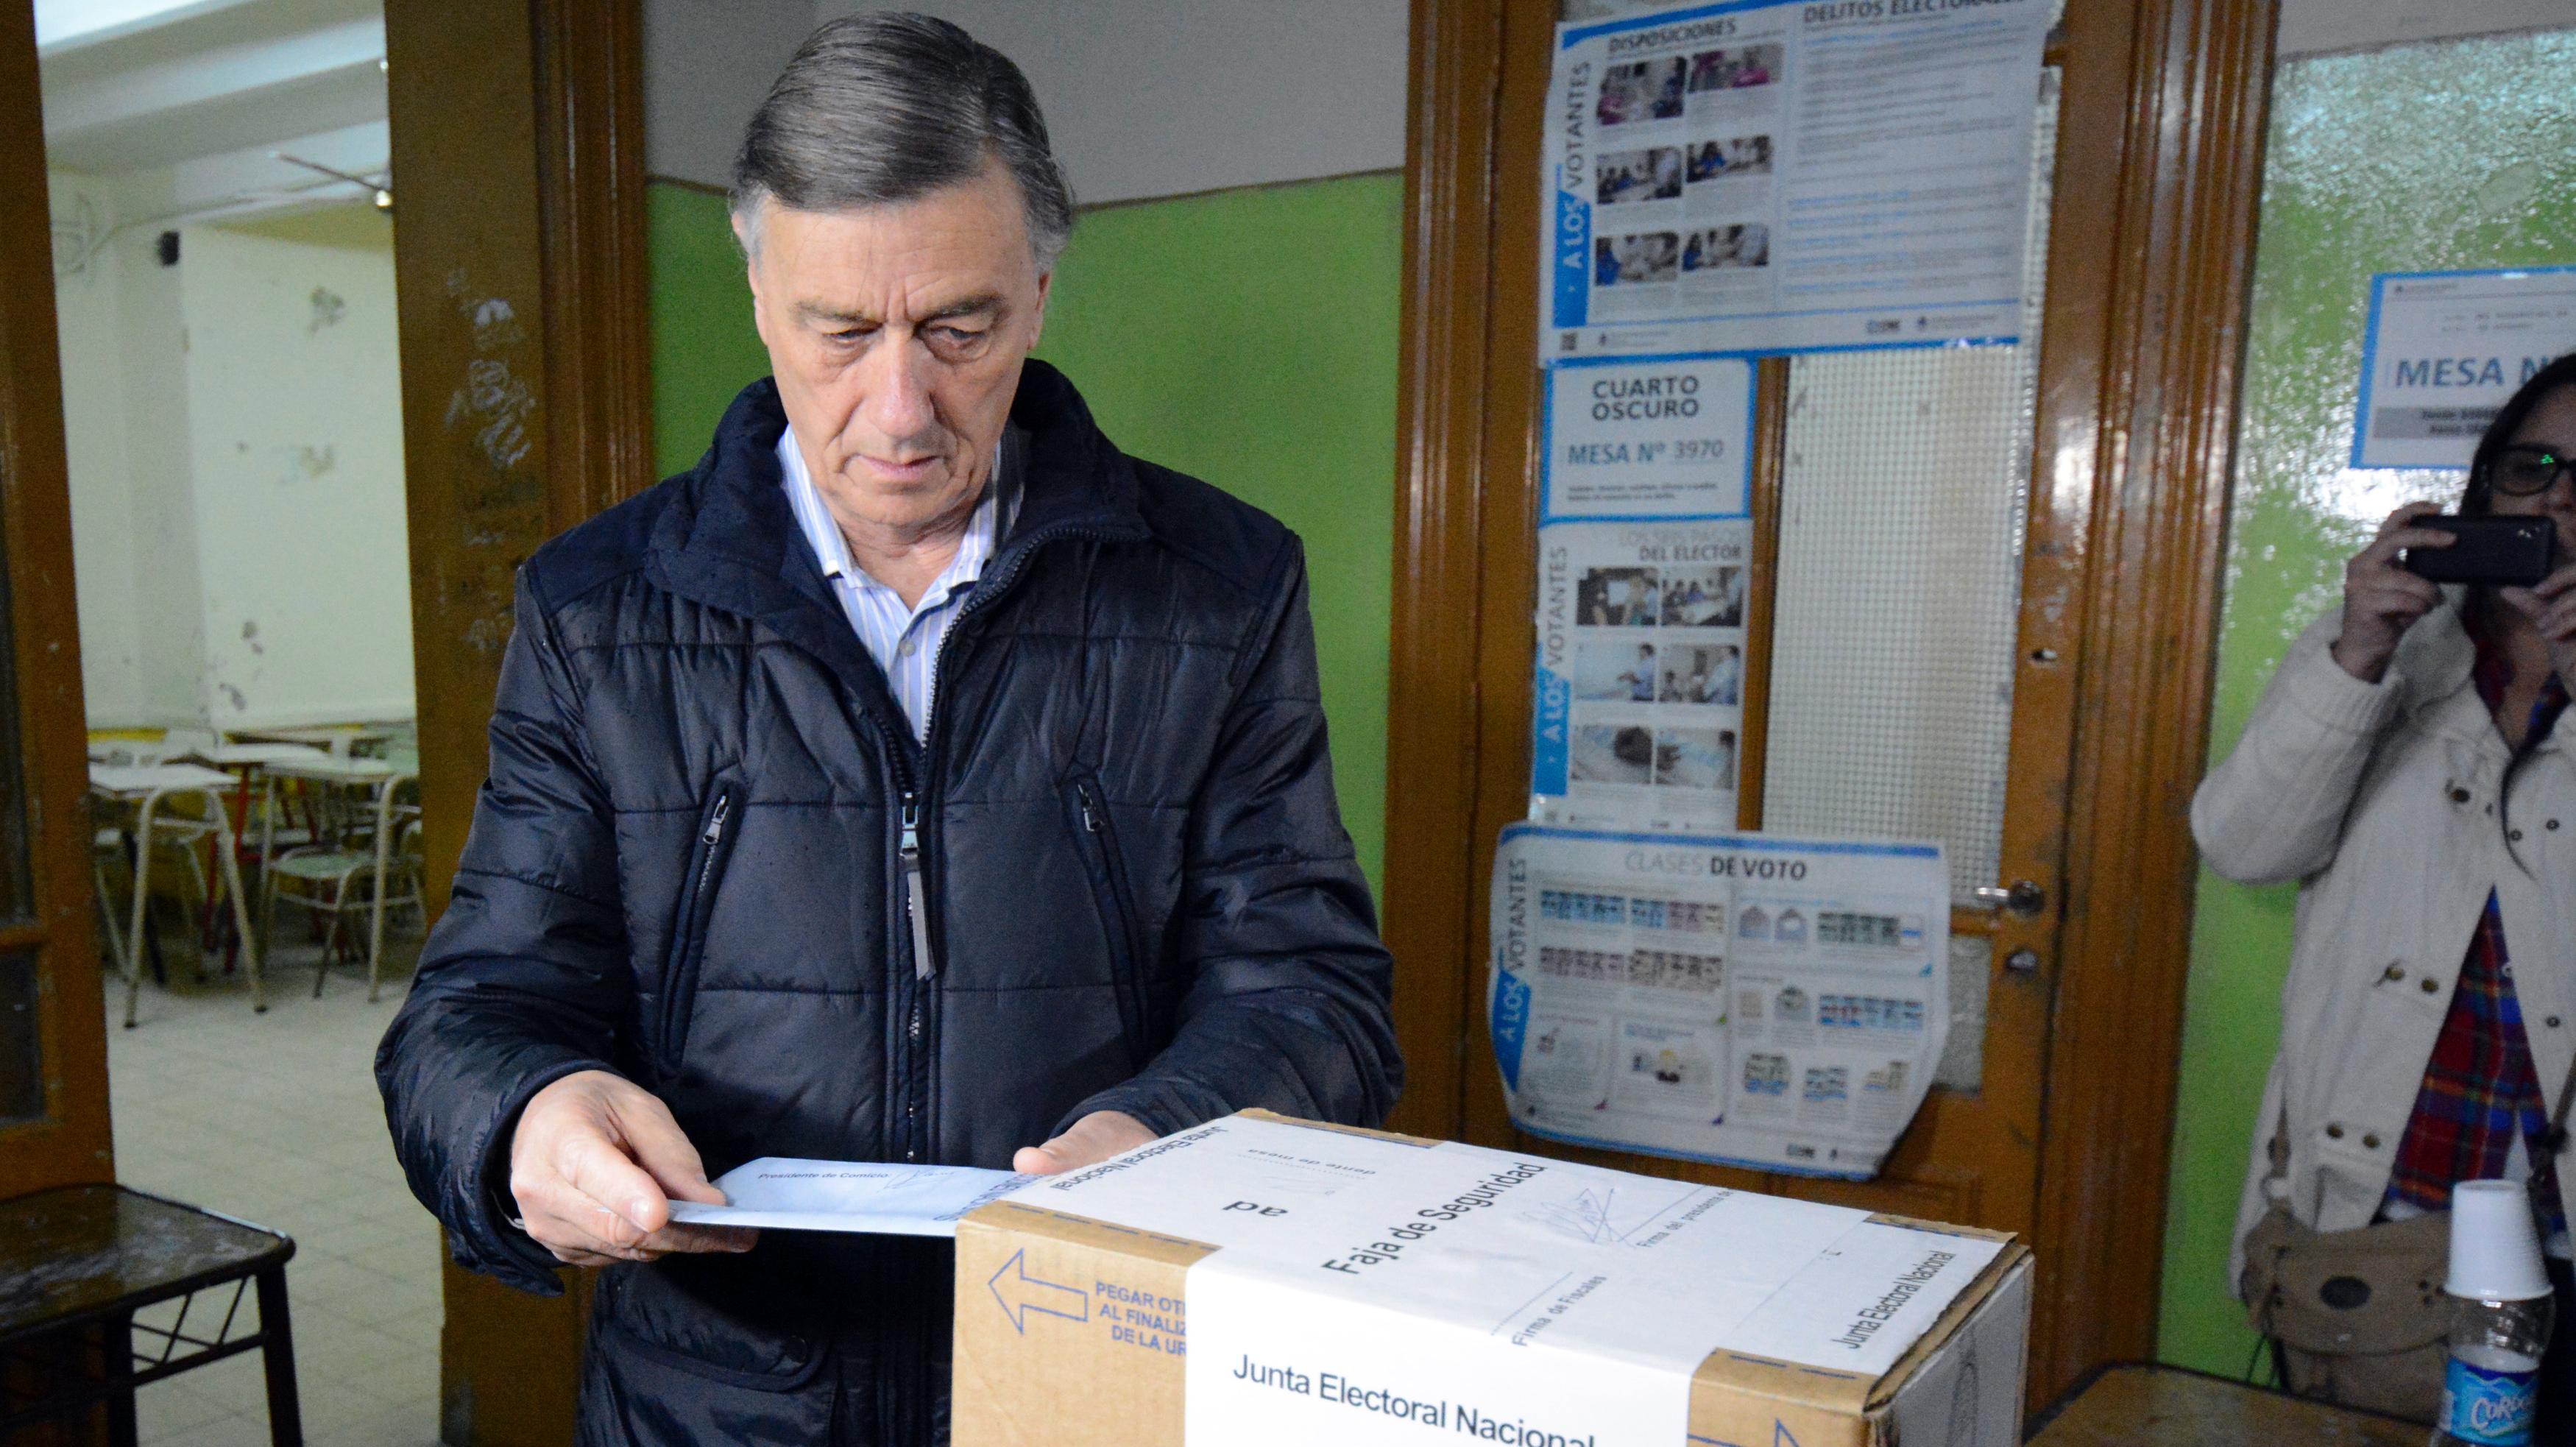 El ex gobernador votó en la mesa 3970 de la Escuela Bernardino Rivadavia. (Foto: Ángel Donzelli)